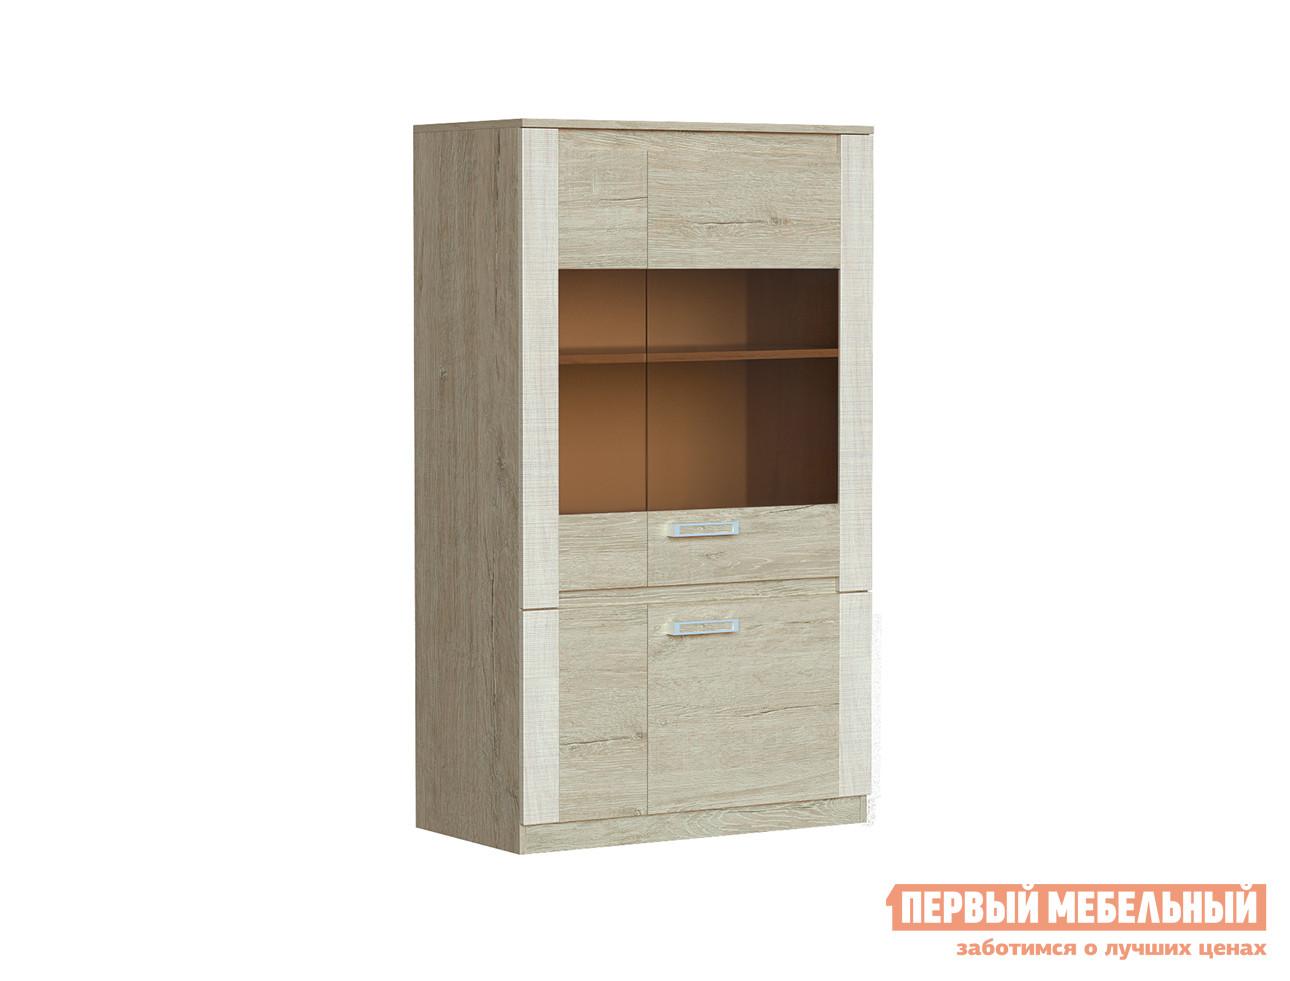 Шкаф-витрина Первый Мебельный Монте-Карло 3